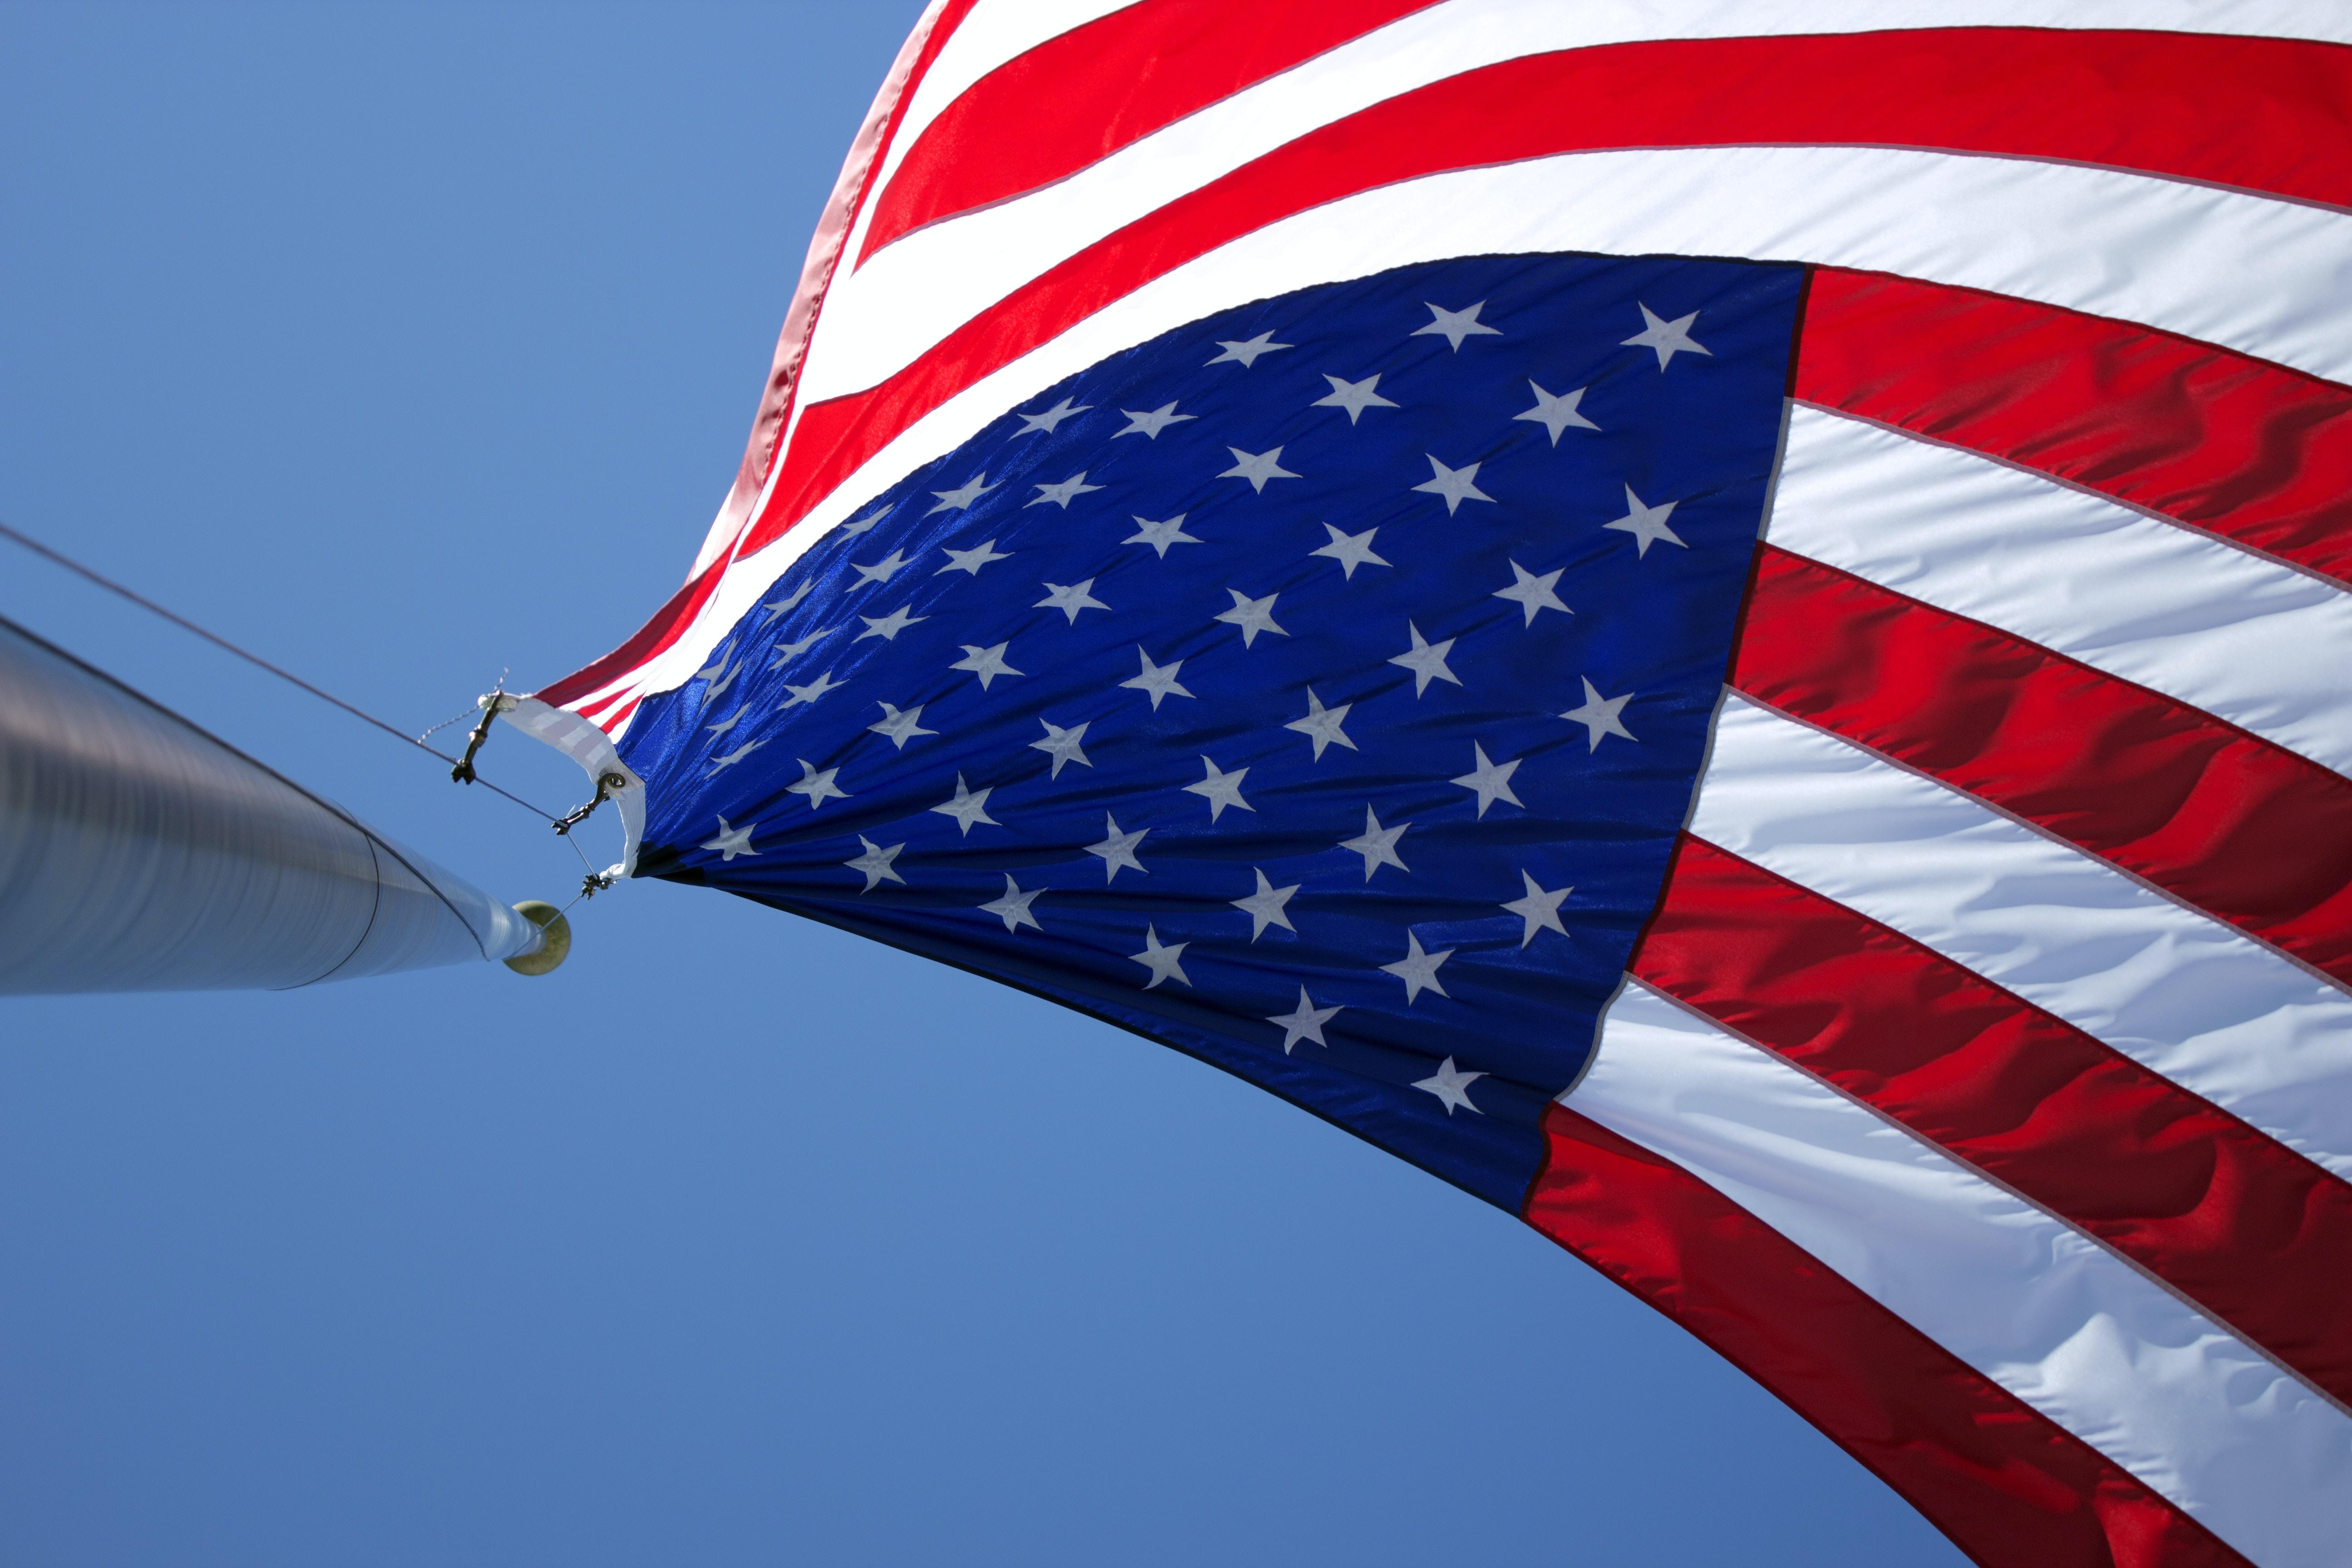 USA flag waving under blue sky